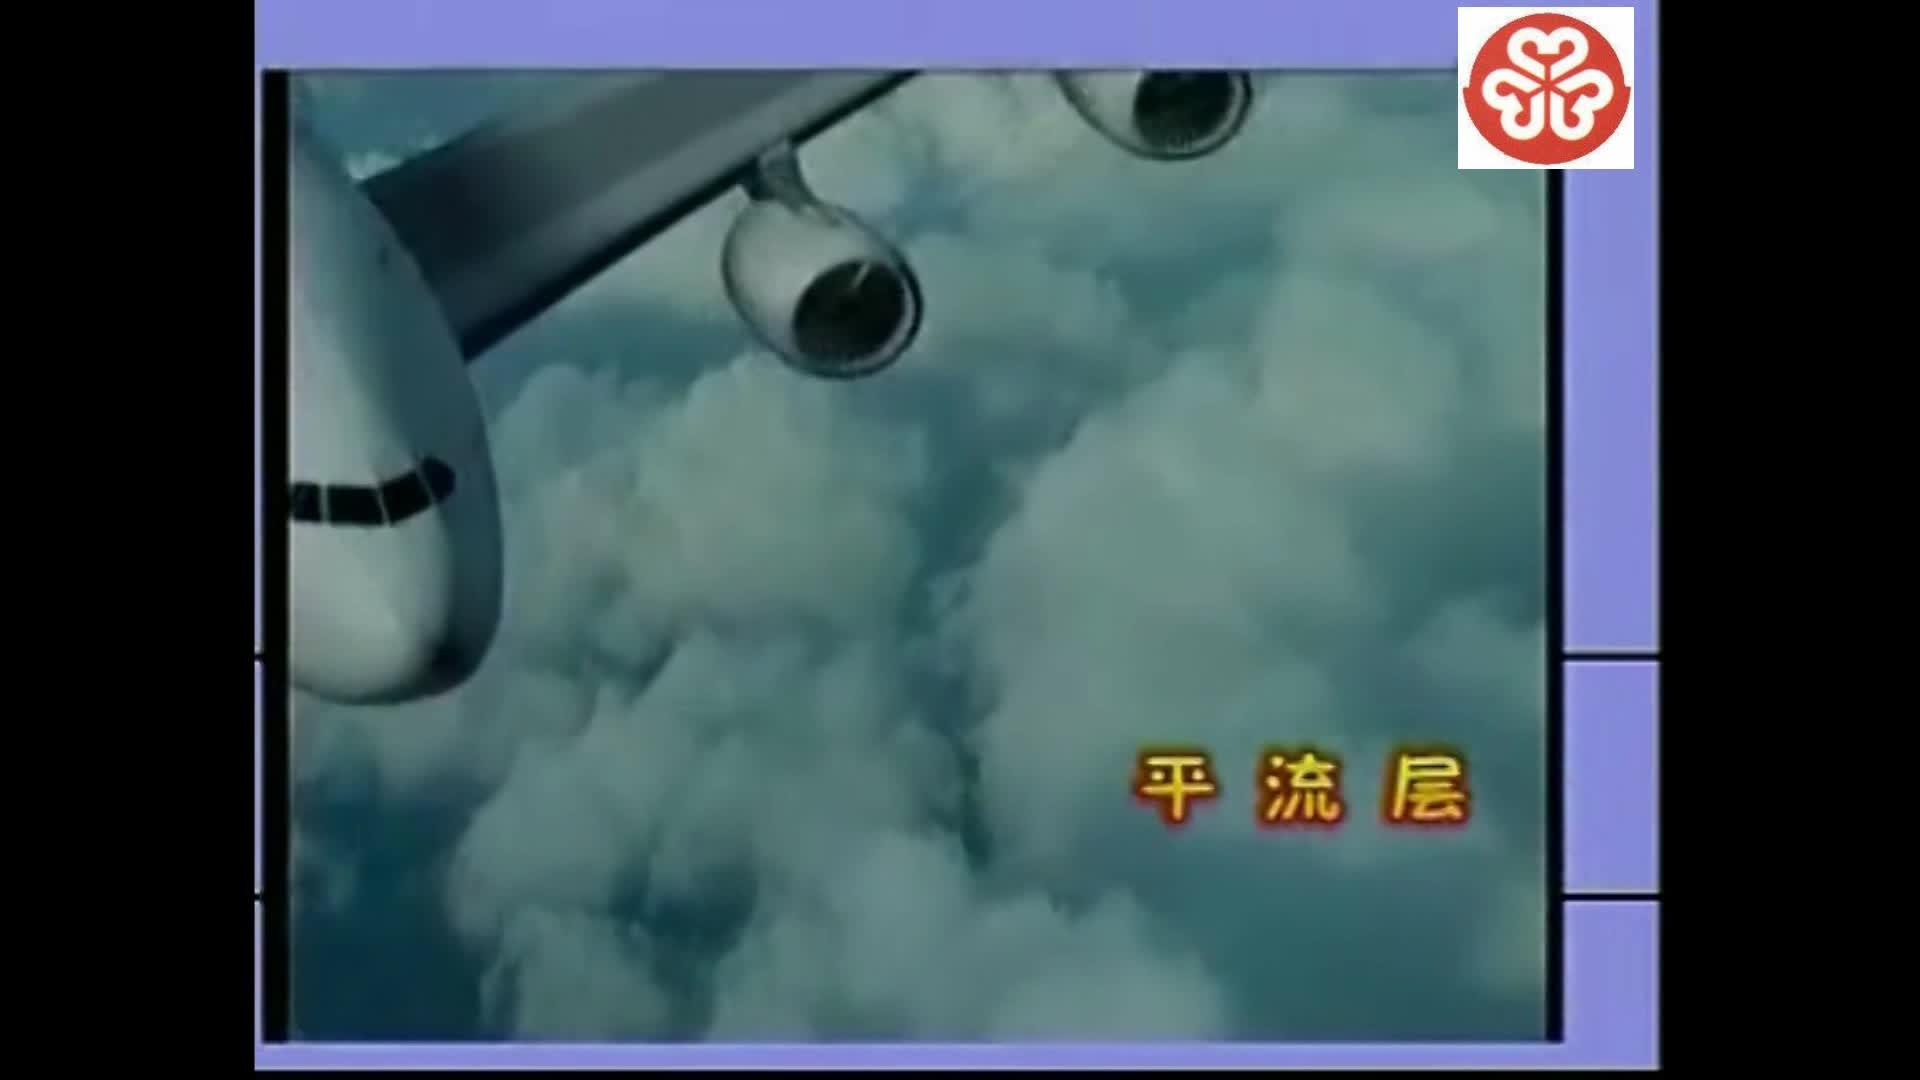 高一地理必修一大氣運動教學微視頻集(共10集)地球上的大氣01-大氣受熱過程-視頻微課堂